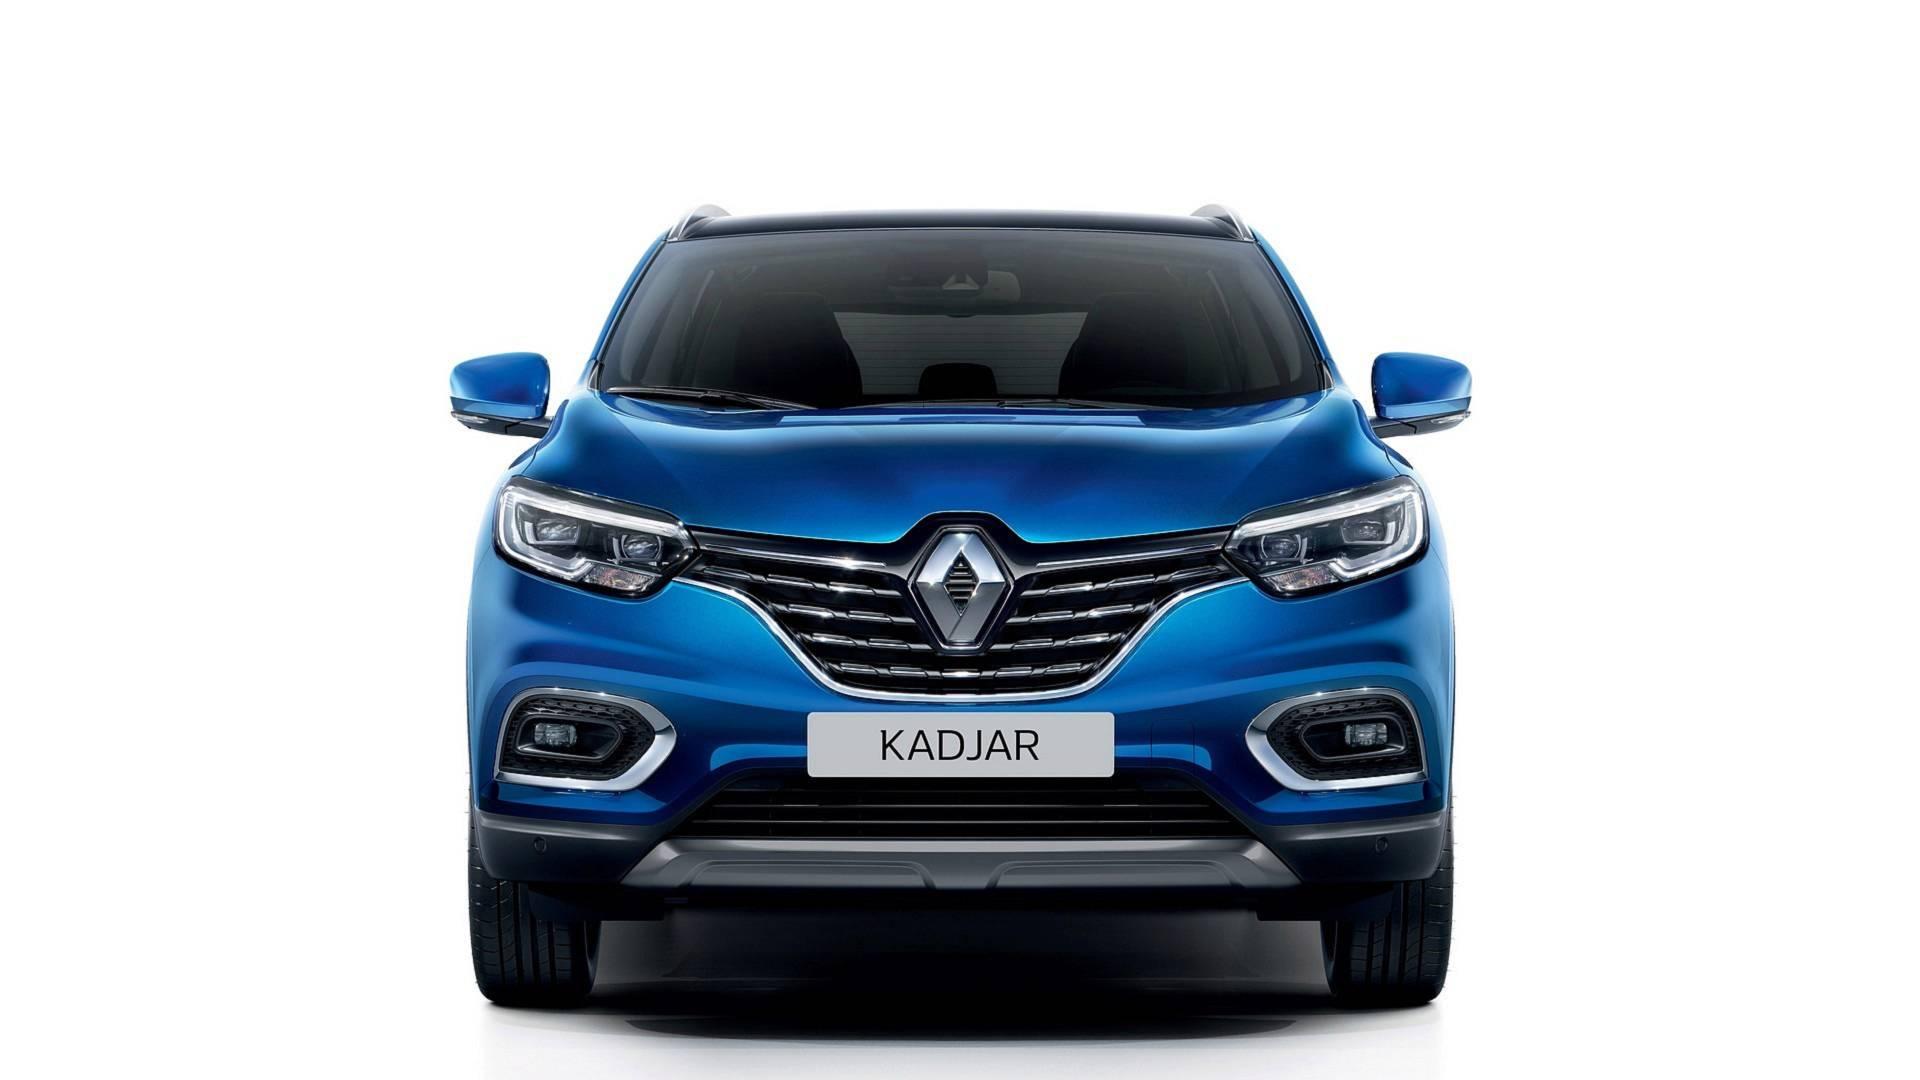 2019 Renault Kadjar Gets More Attractive Inside & Out, 1.3